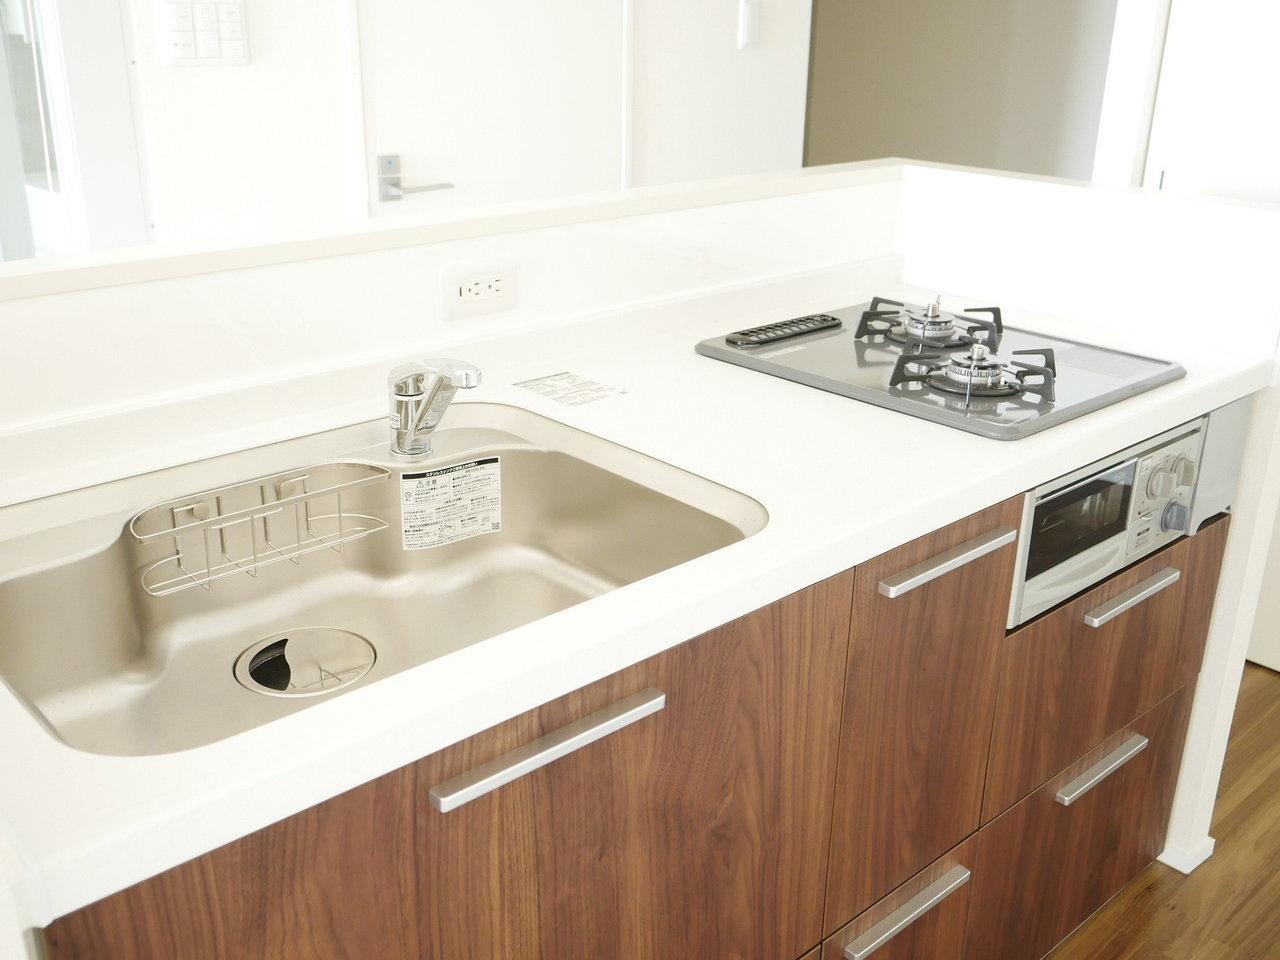 キッチンも白をベースとしてもので、広々としています。カウンタータイプなので開放的に料理をできるのもうれしいです。